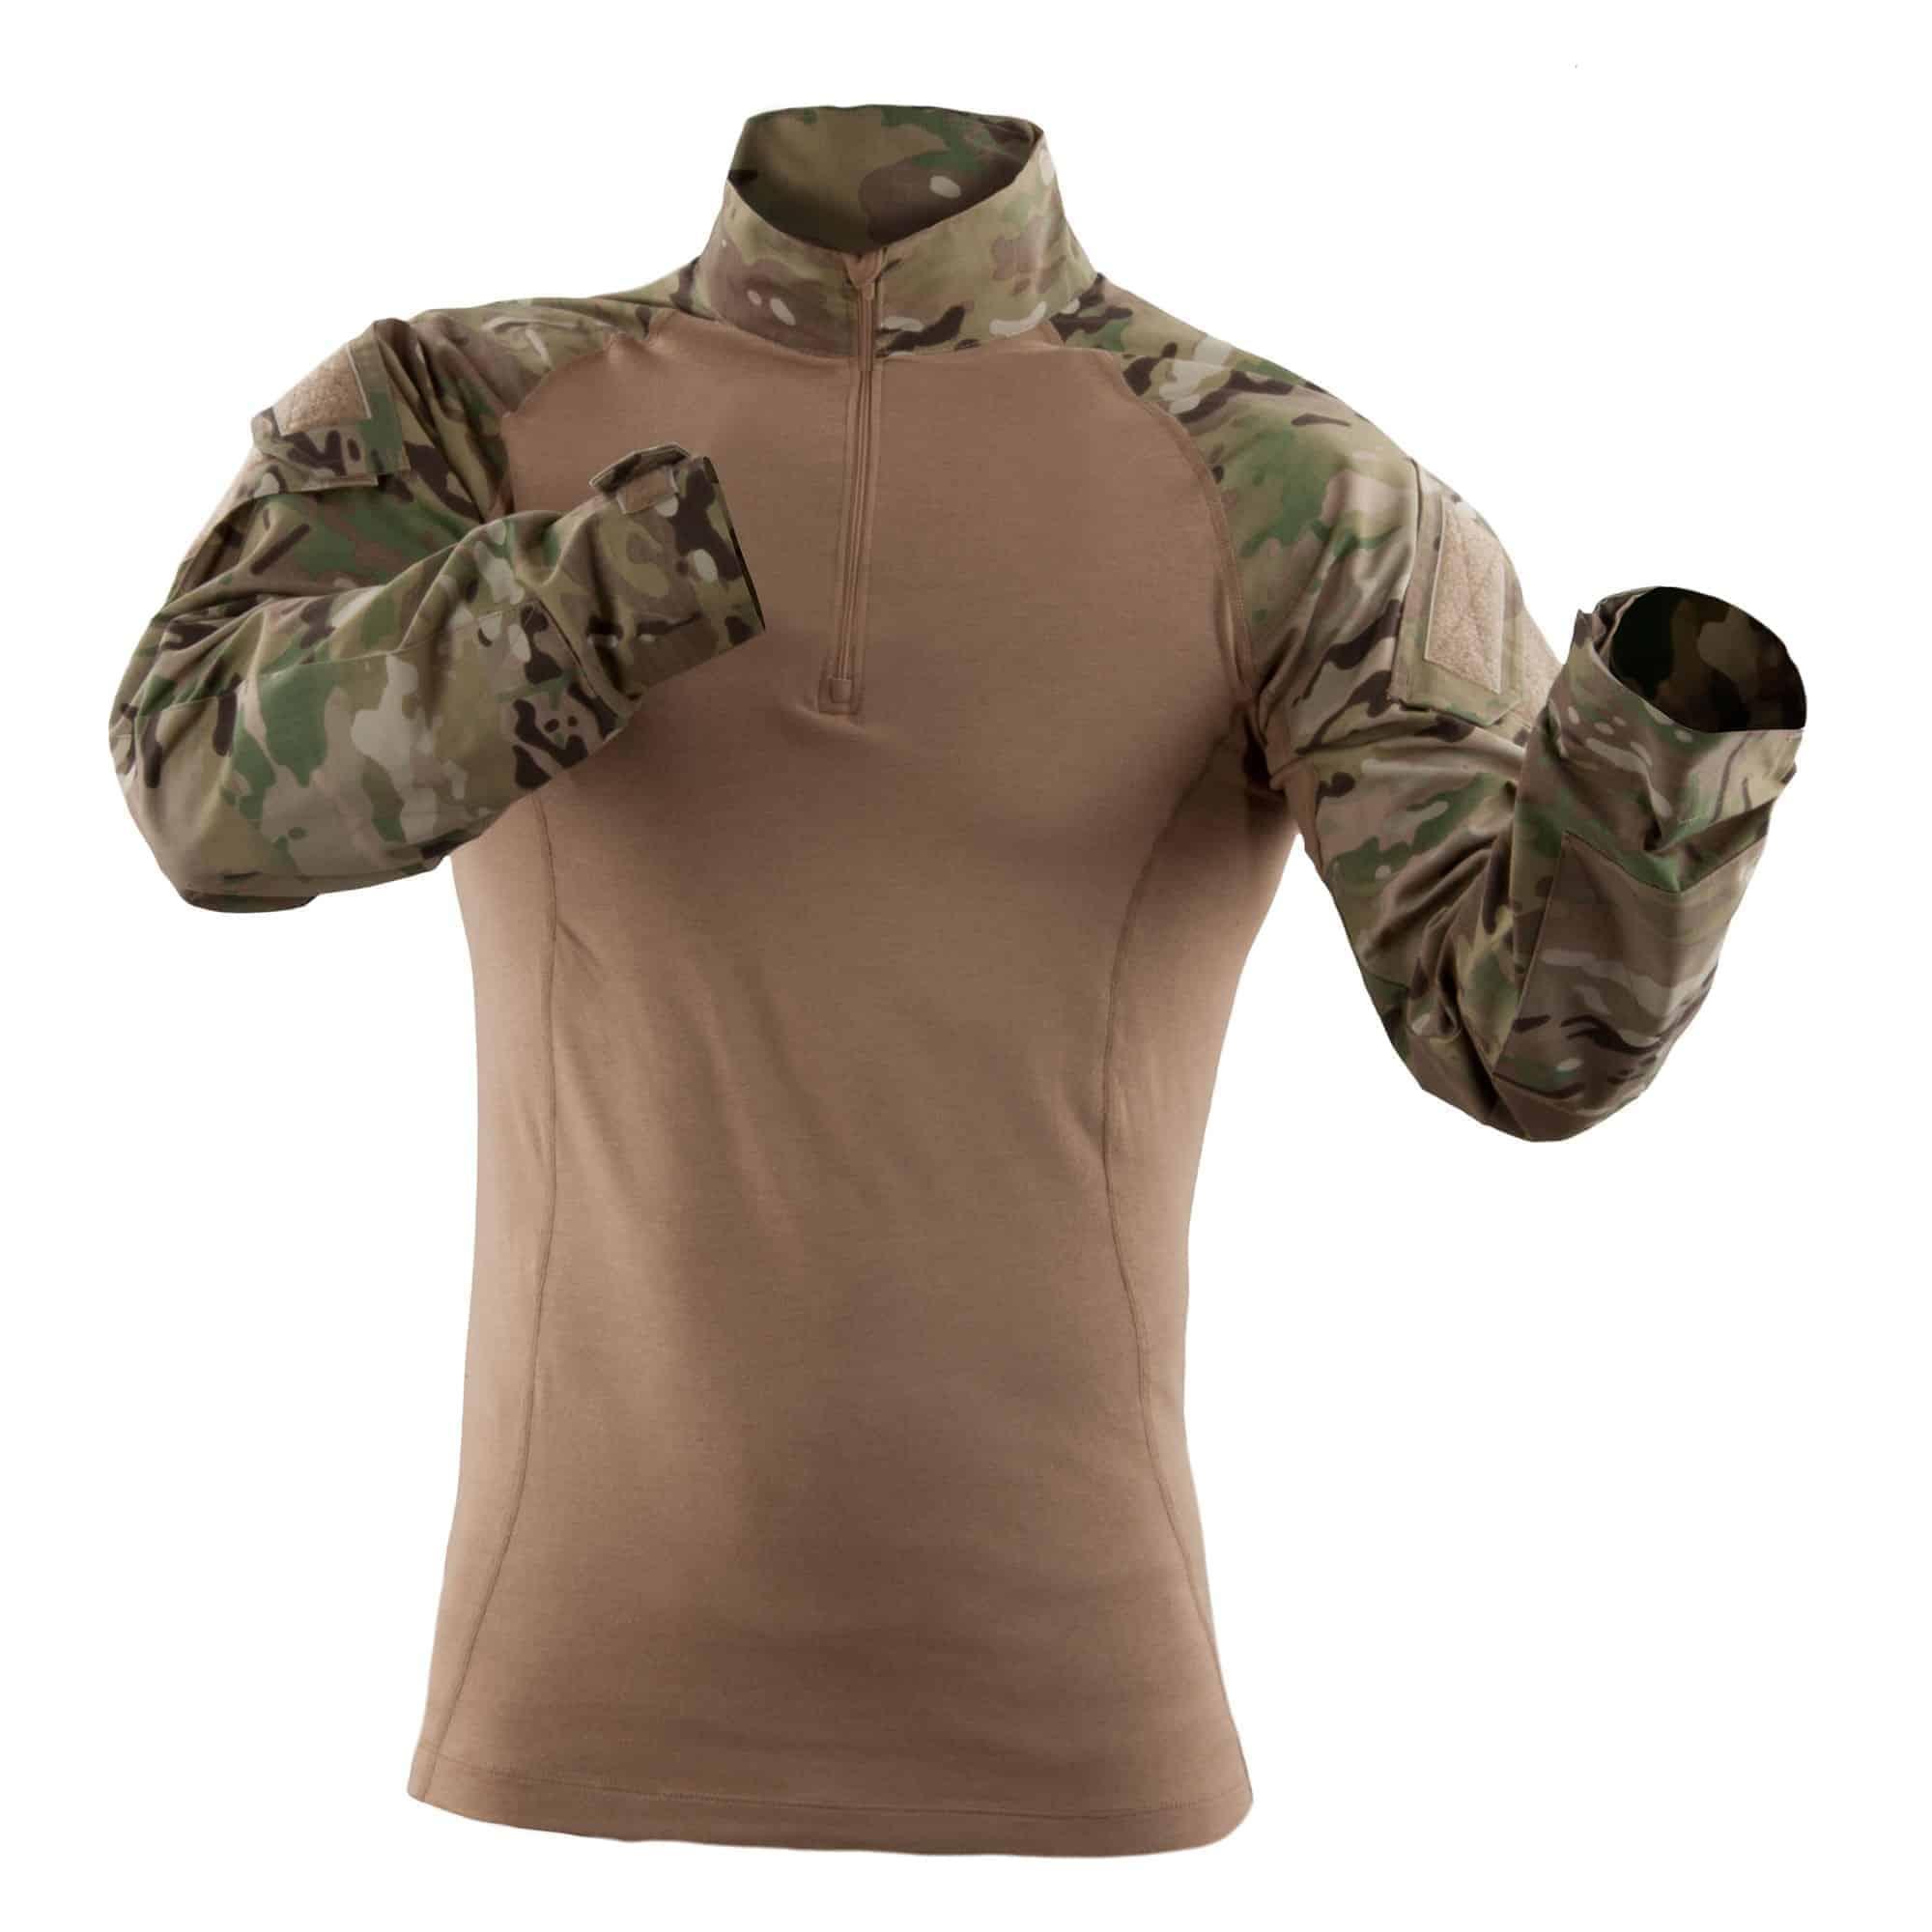 Tactical Long Sleeve Multicam Tdu Rapid Assault Shirt